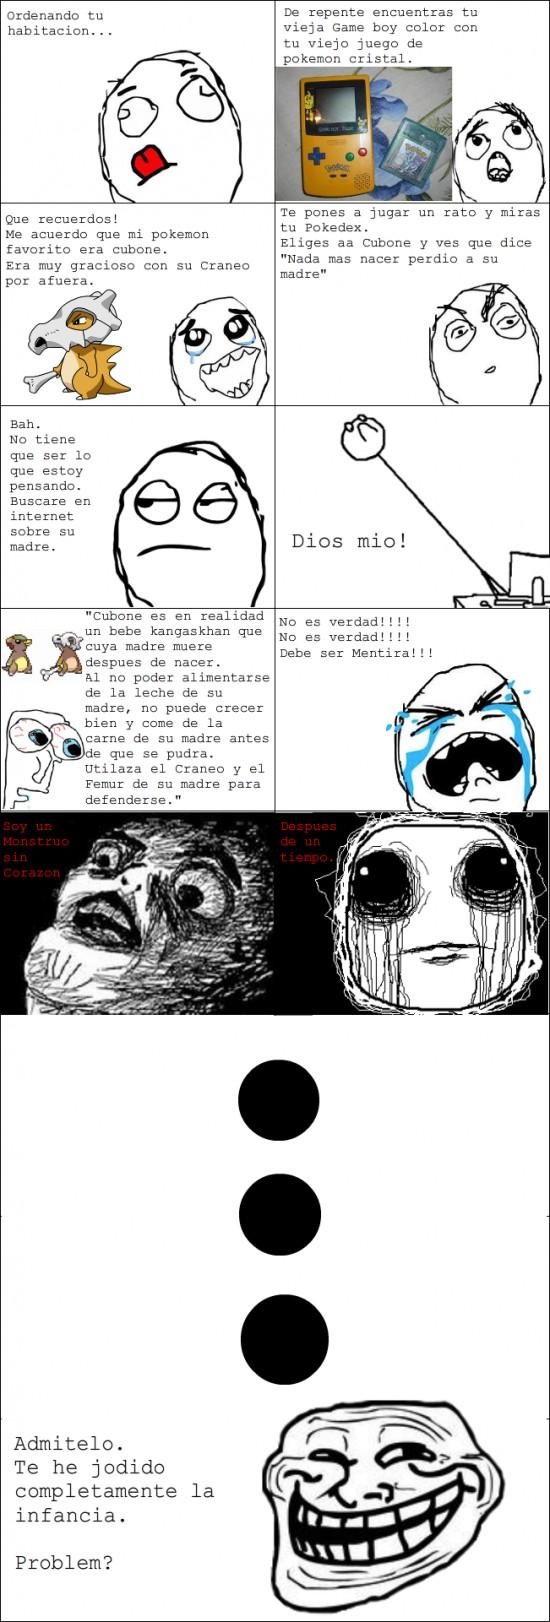 Trollface - La verdad de Pokemon